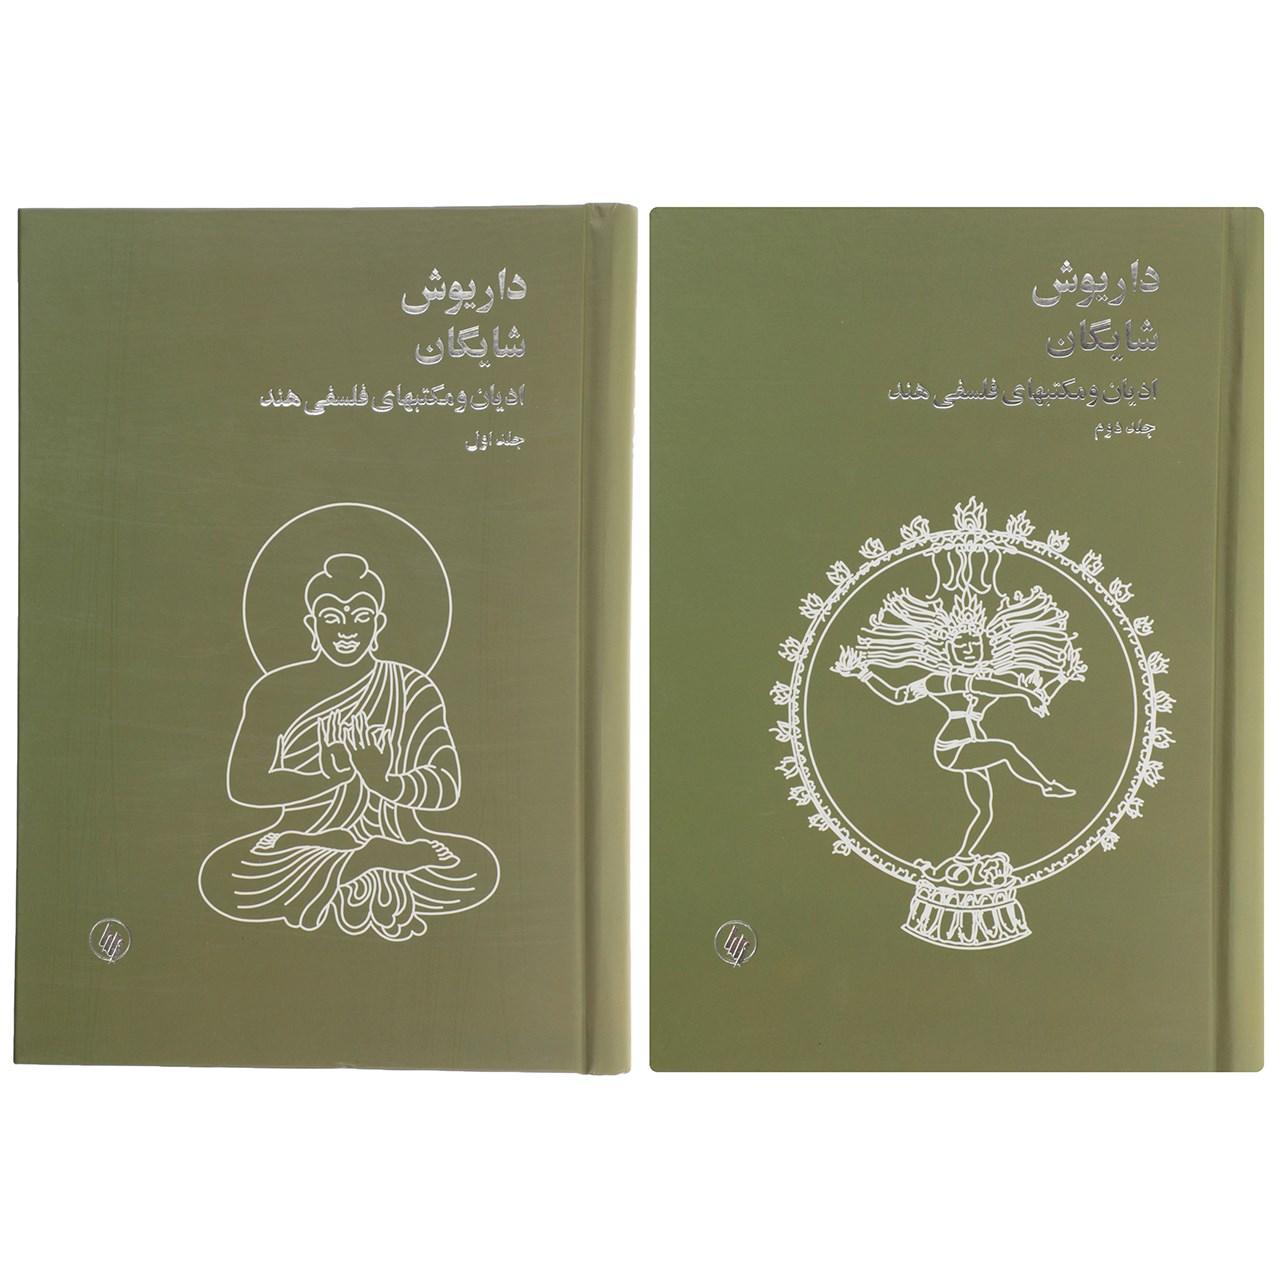 کتاب ادیان و مکتبهای فلسفی هند اثر داریوش شایگان - دو جلدی